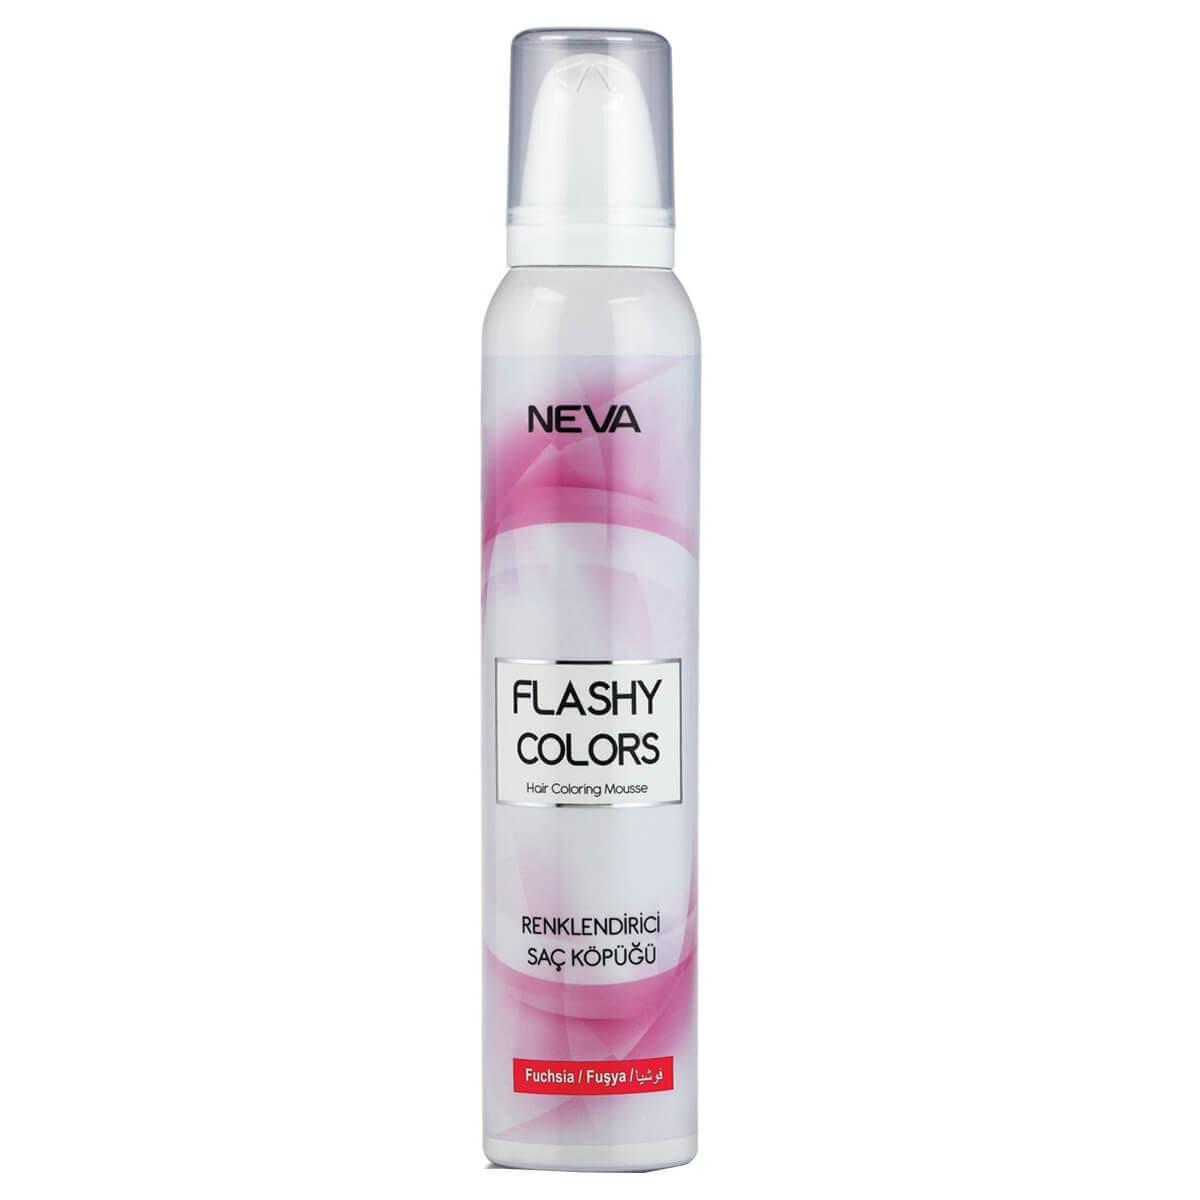 Flashy Colors Renklendirici Saç Köpüğü Fuşya